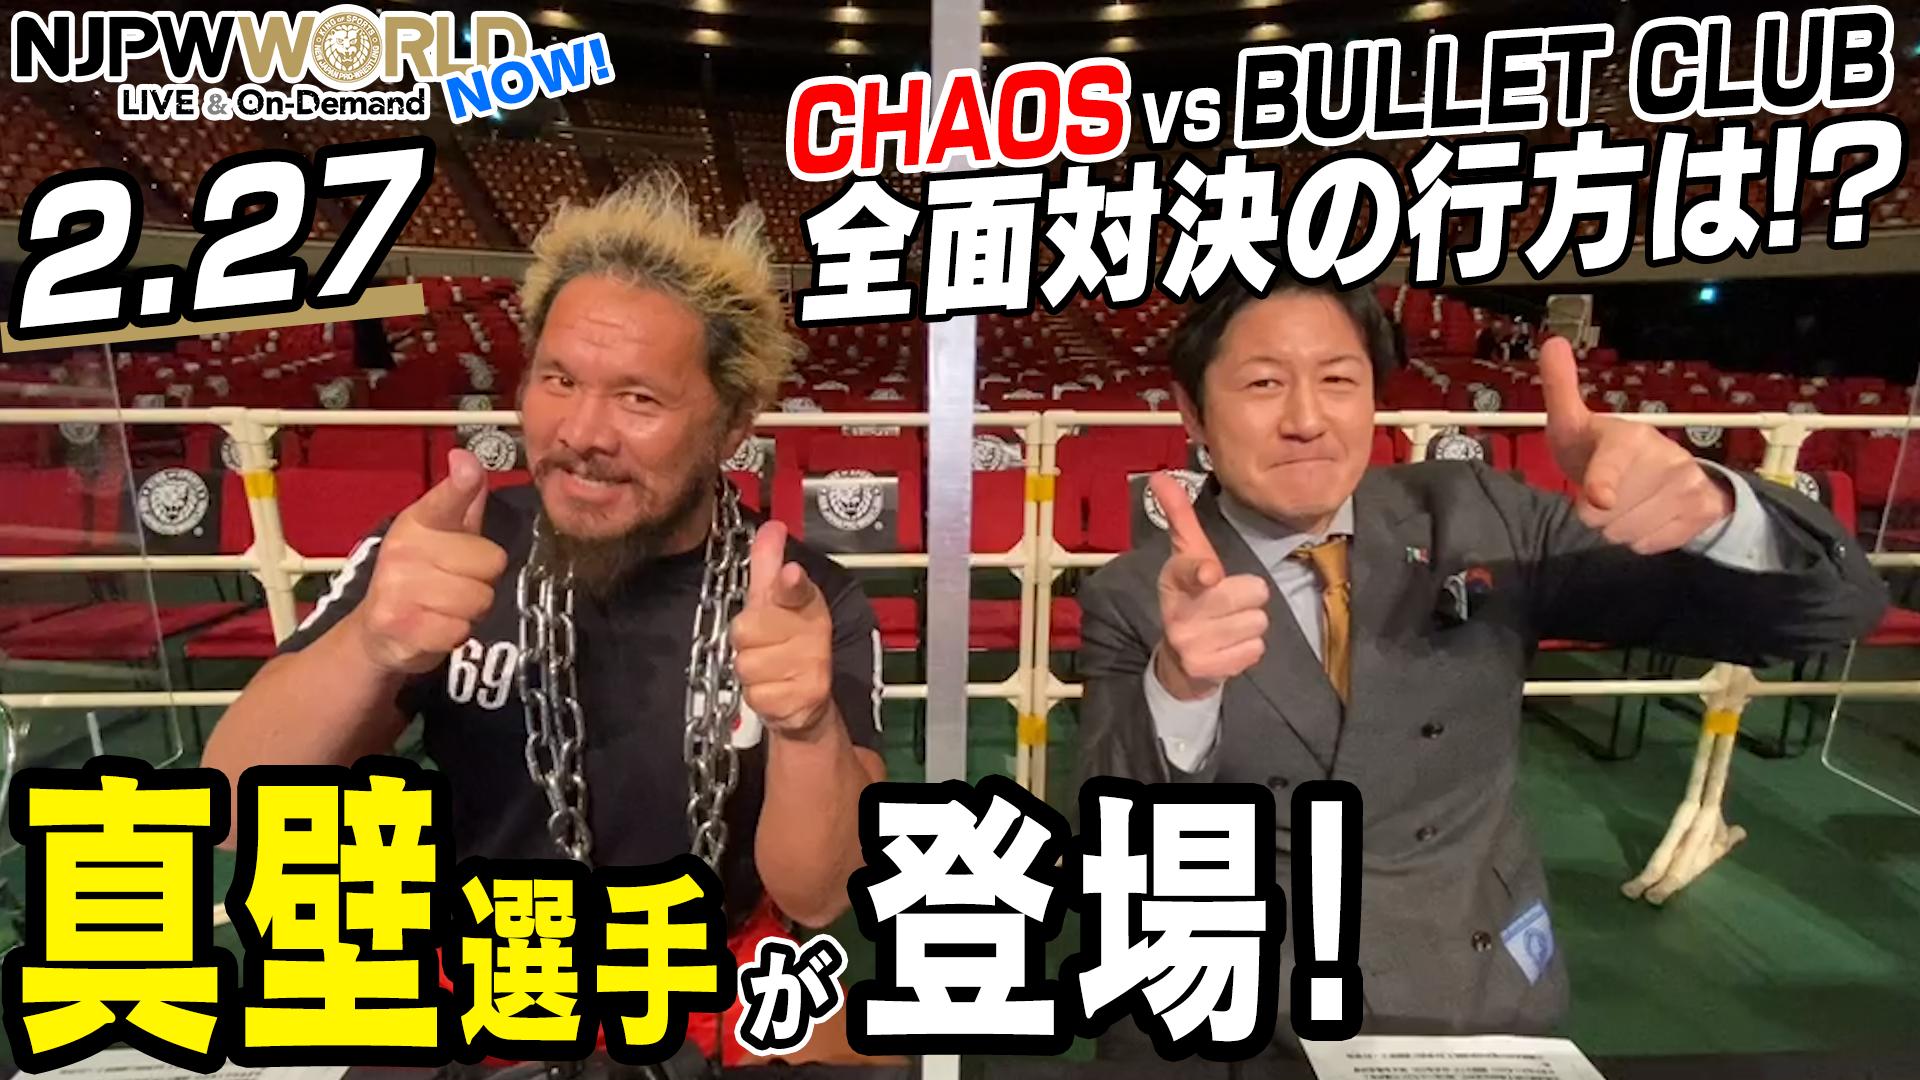 大阪城ホール初日!CHAOS vs BULLET CLUB 全面対決の行方は⁉️【NJPWWORLD NOW!】